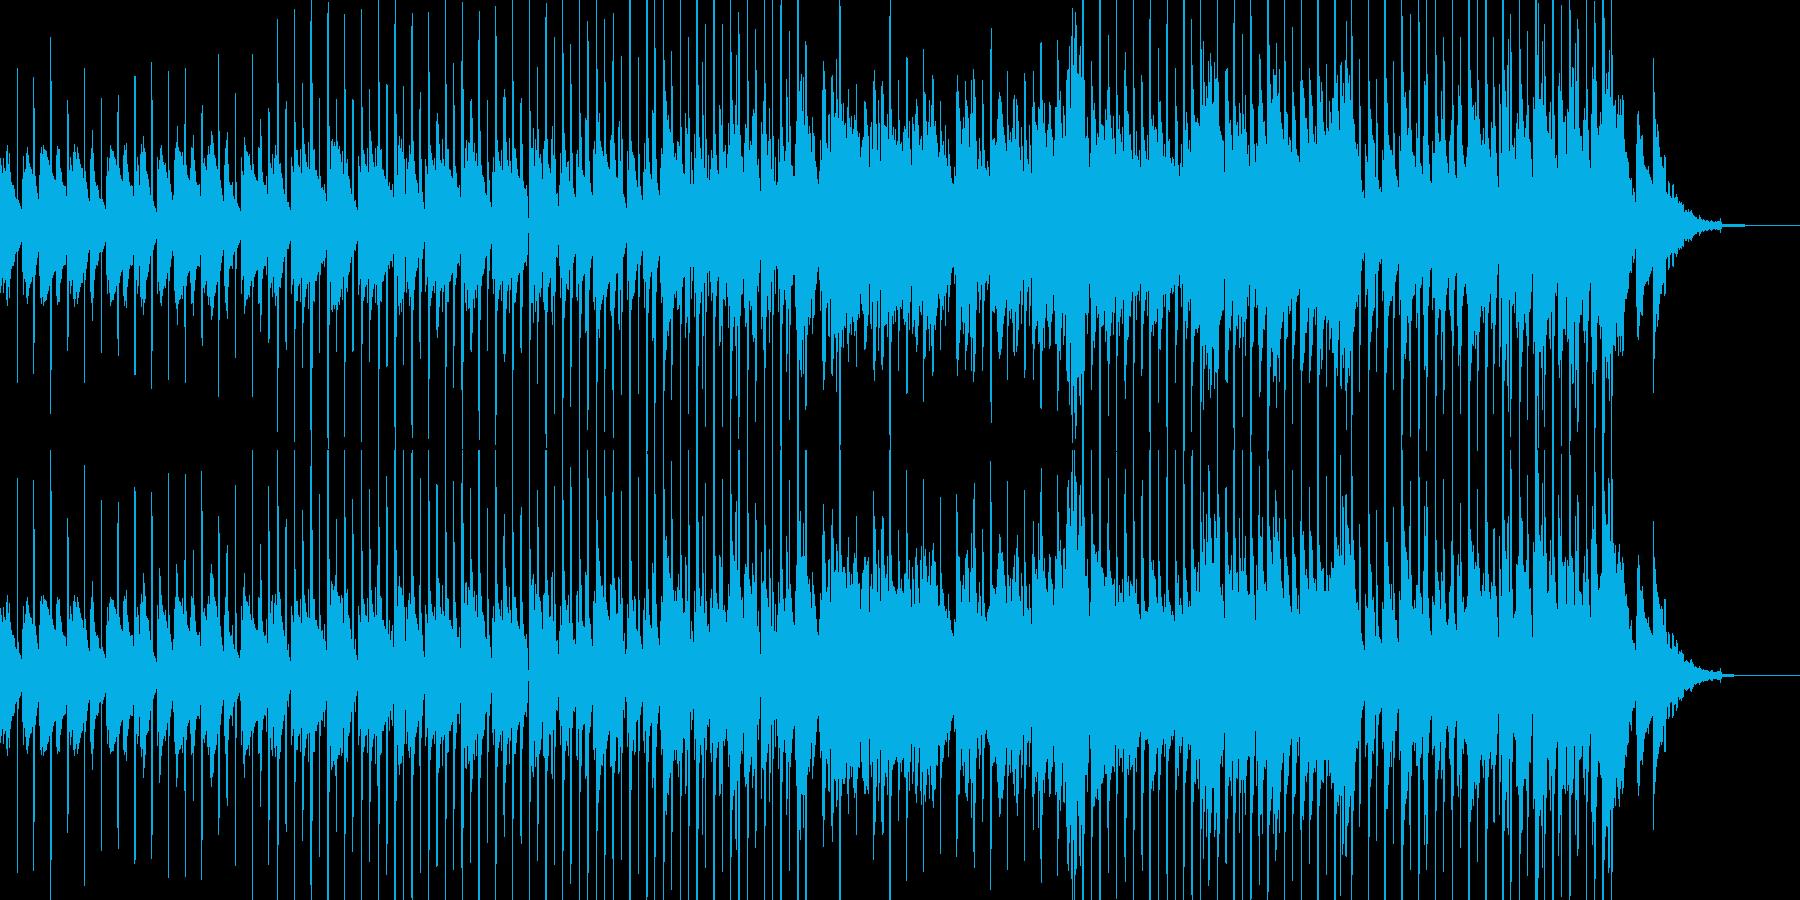 密かに忍び込むイメージの再生済みの波形